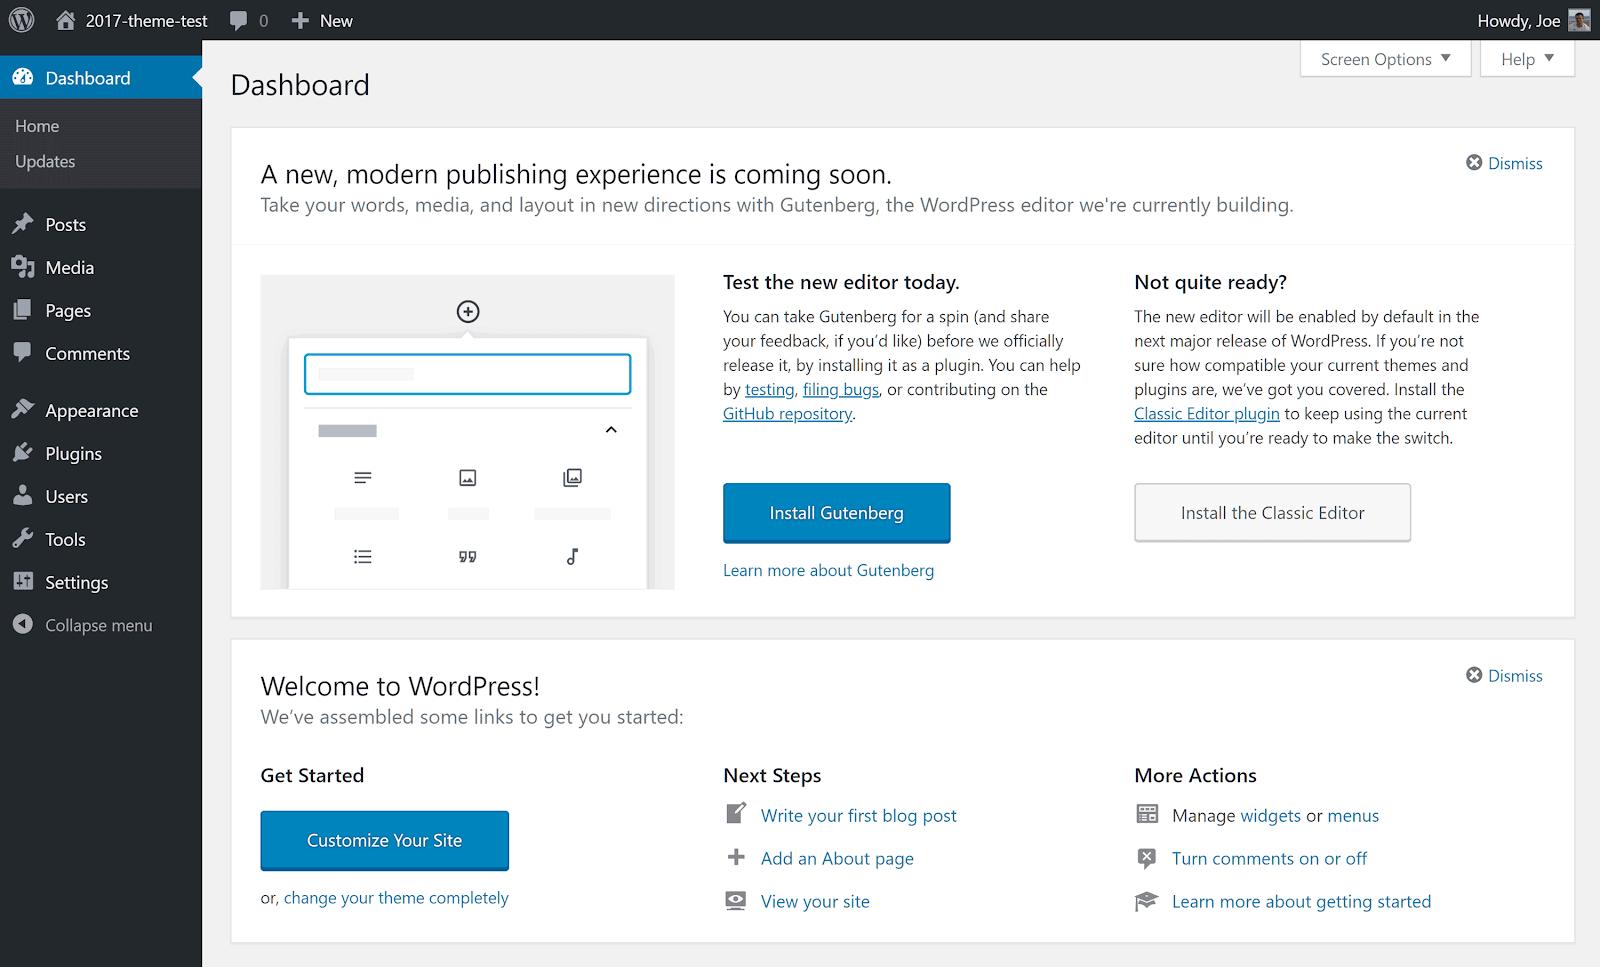 Ví dụ về Bảng điều khiển bánh đà WordPress